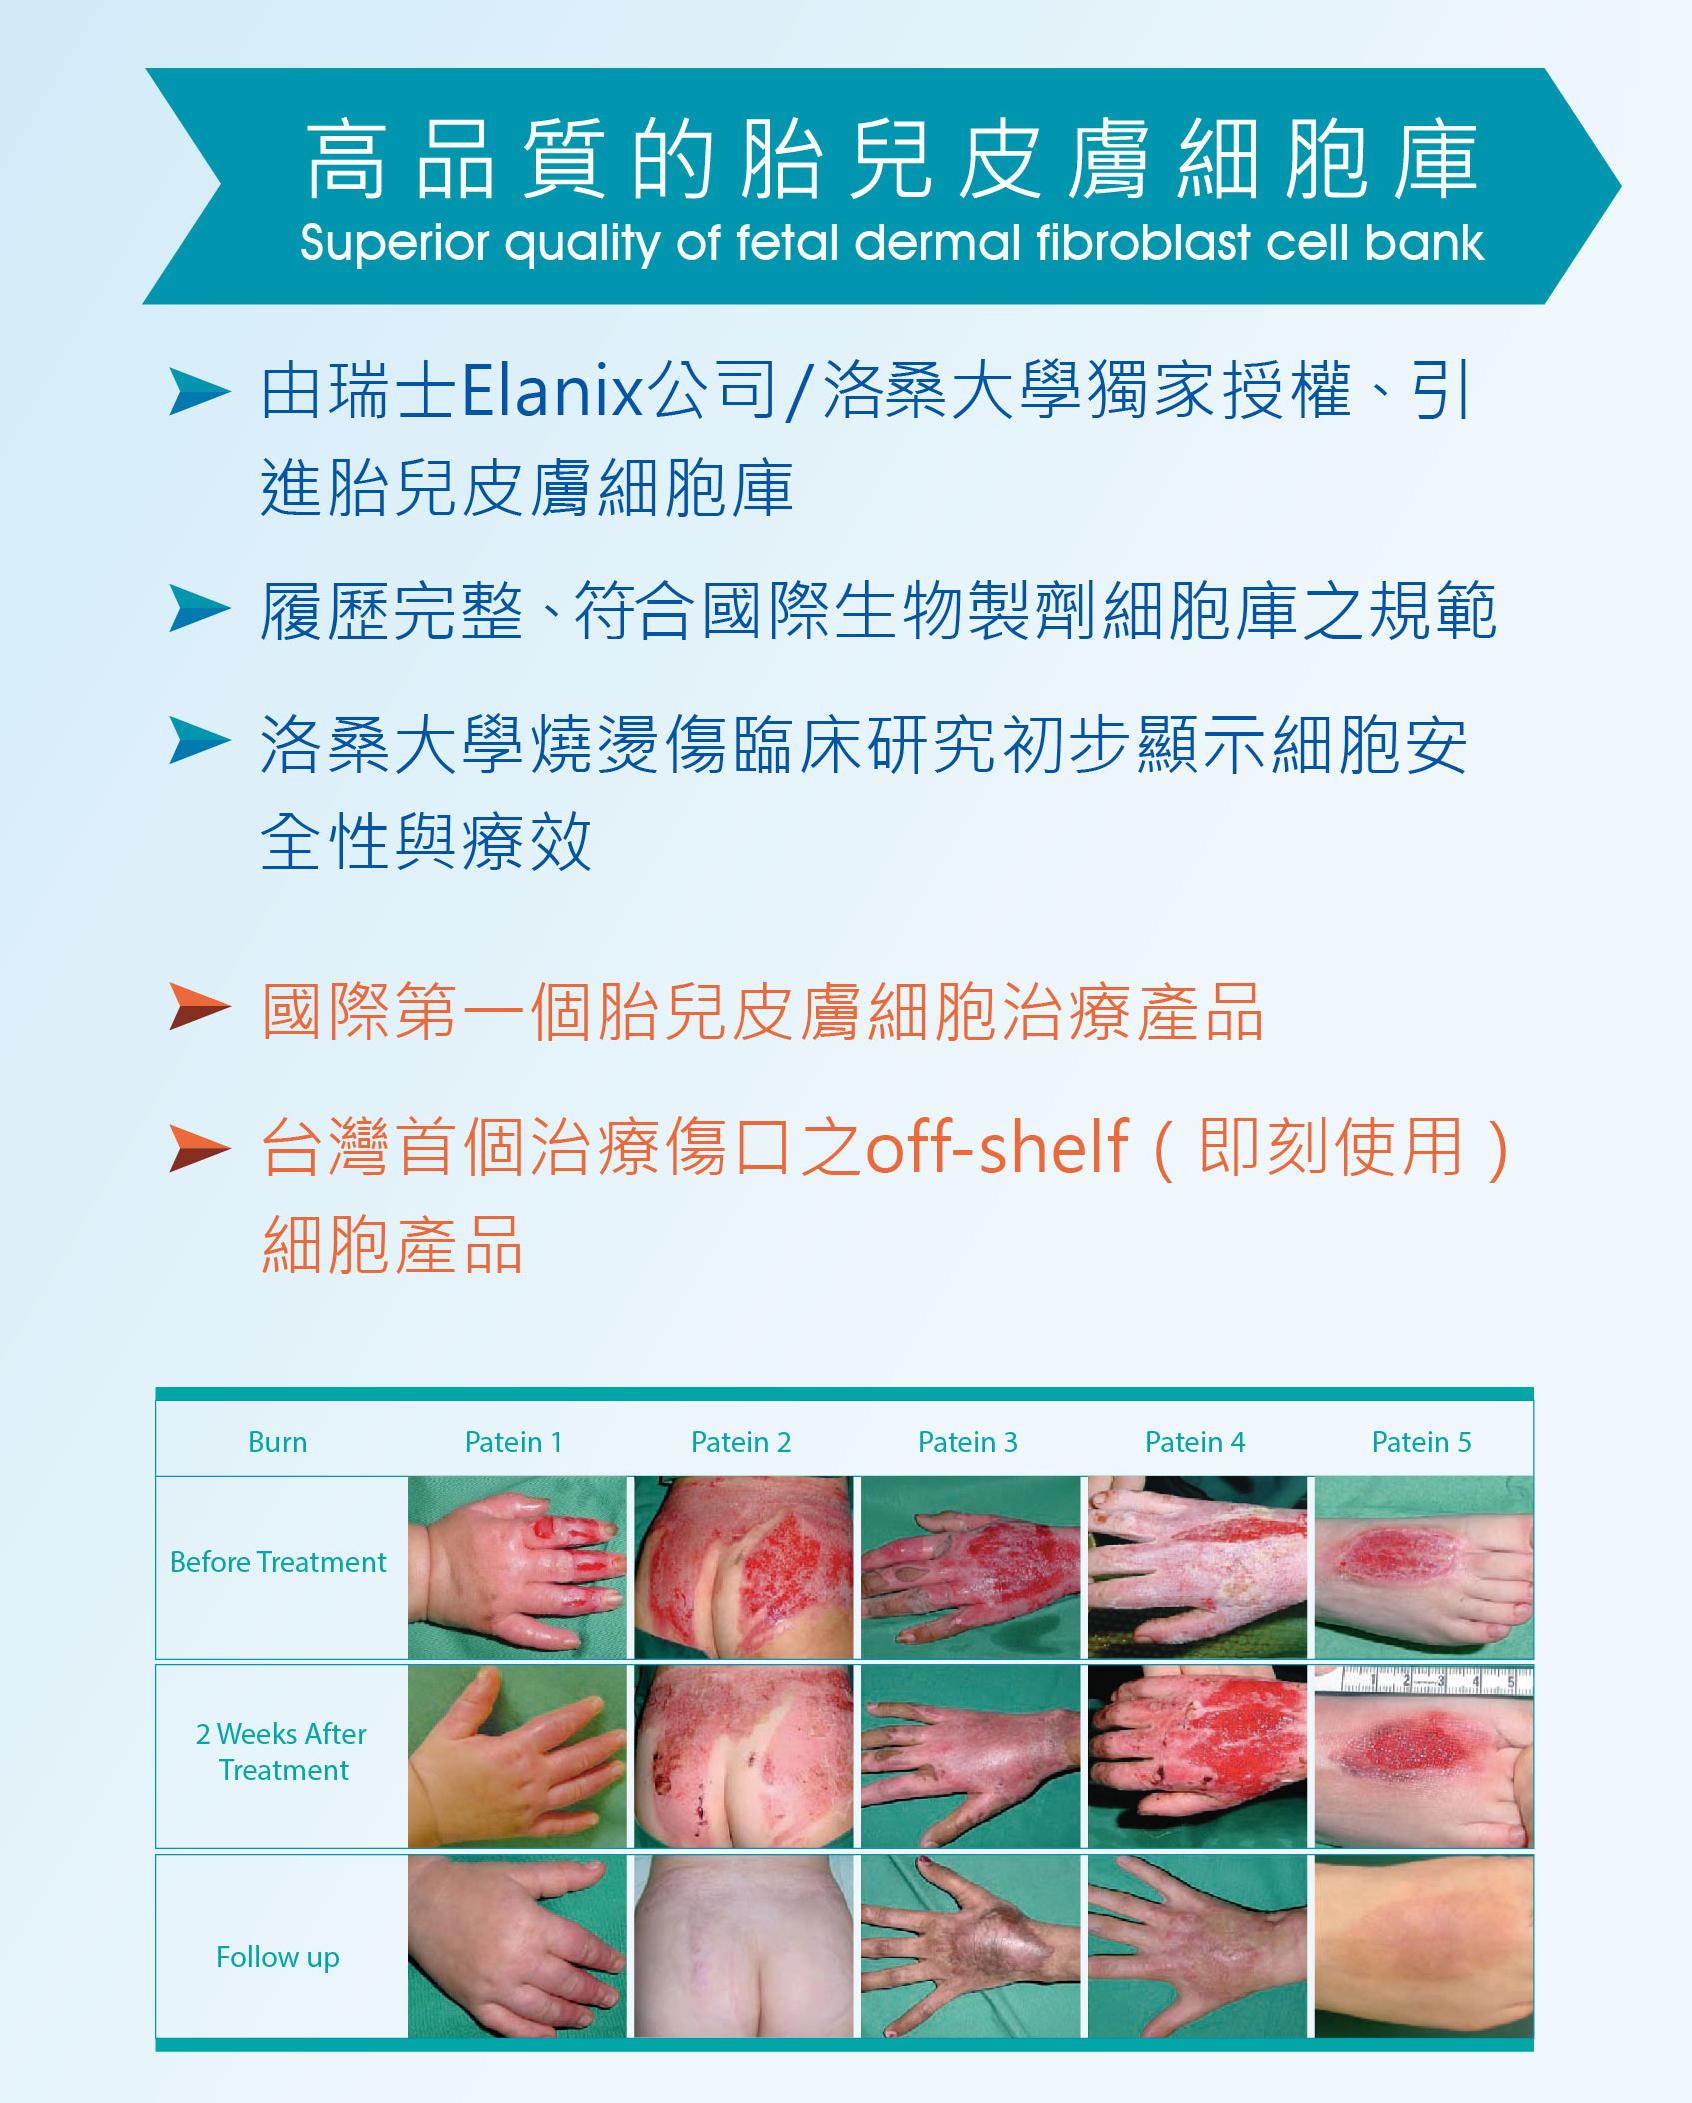 高品質的胎兒皮膚細胞庫